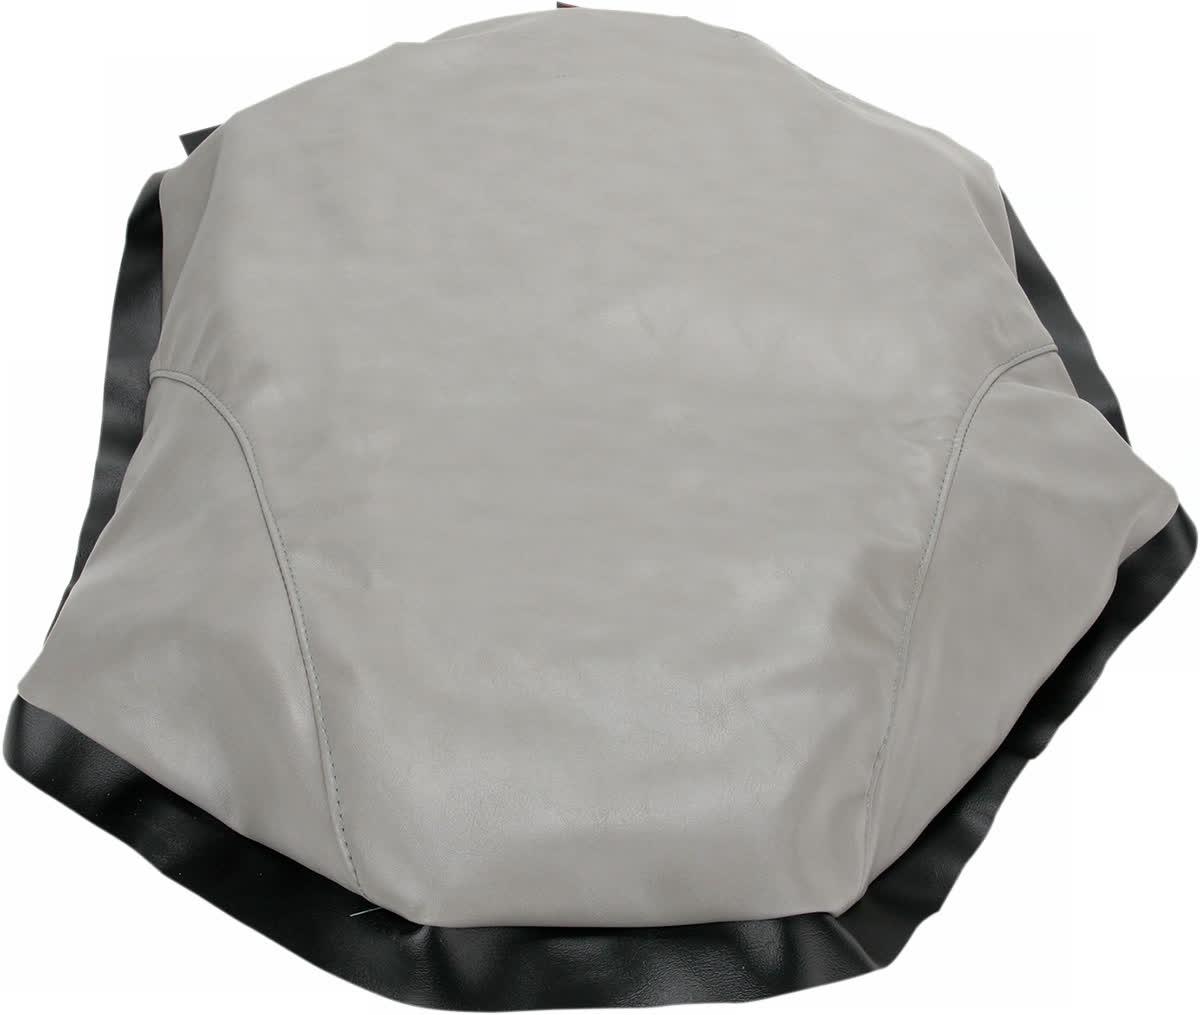 Saddlemen AM9512 Saddleskin Seat Cover  Gray